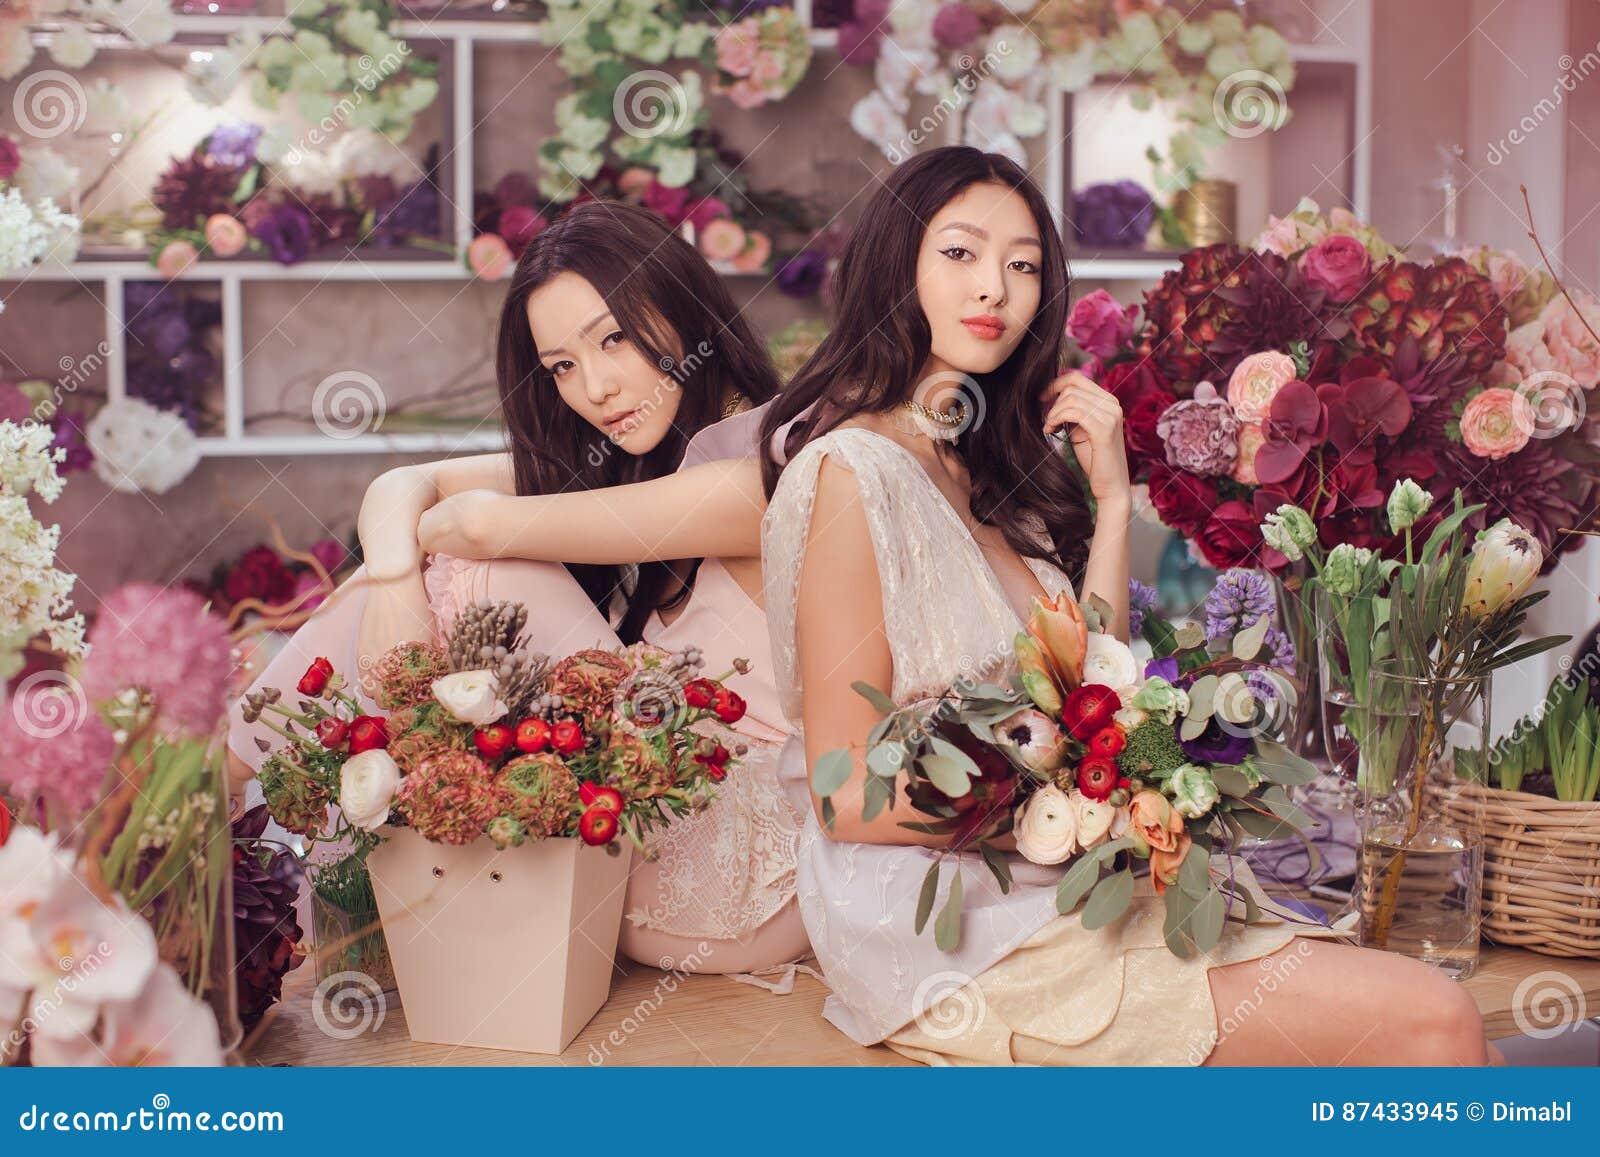 Работа для азиатских девушек дарья мещерякова